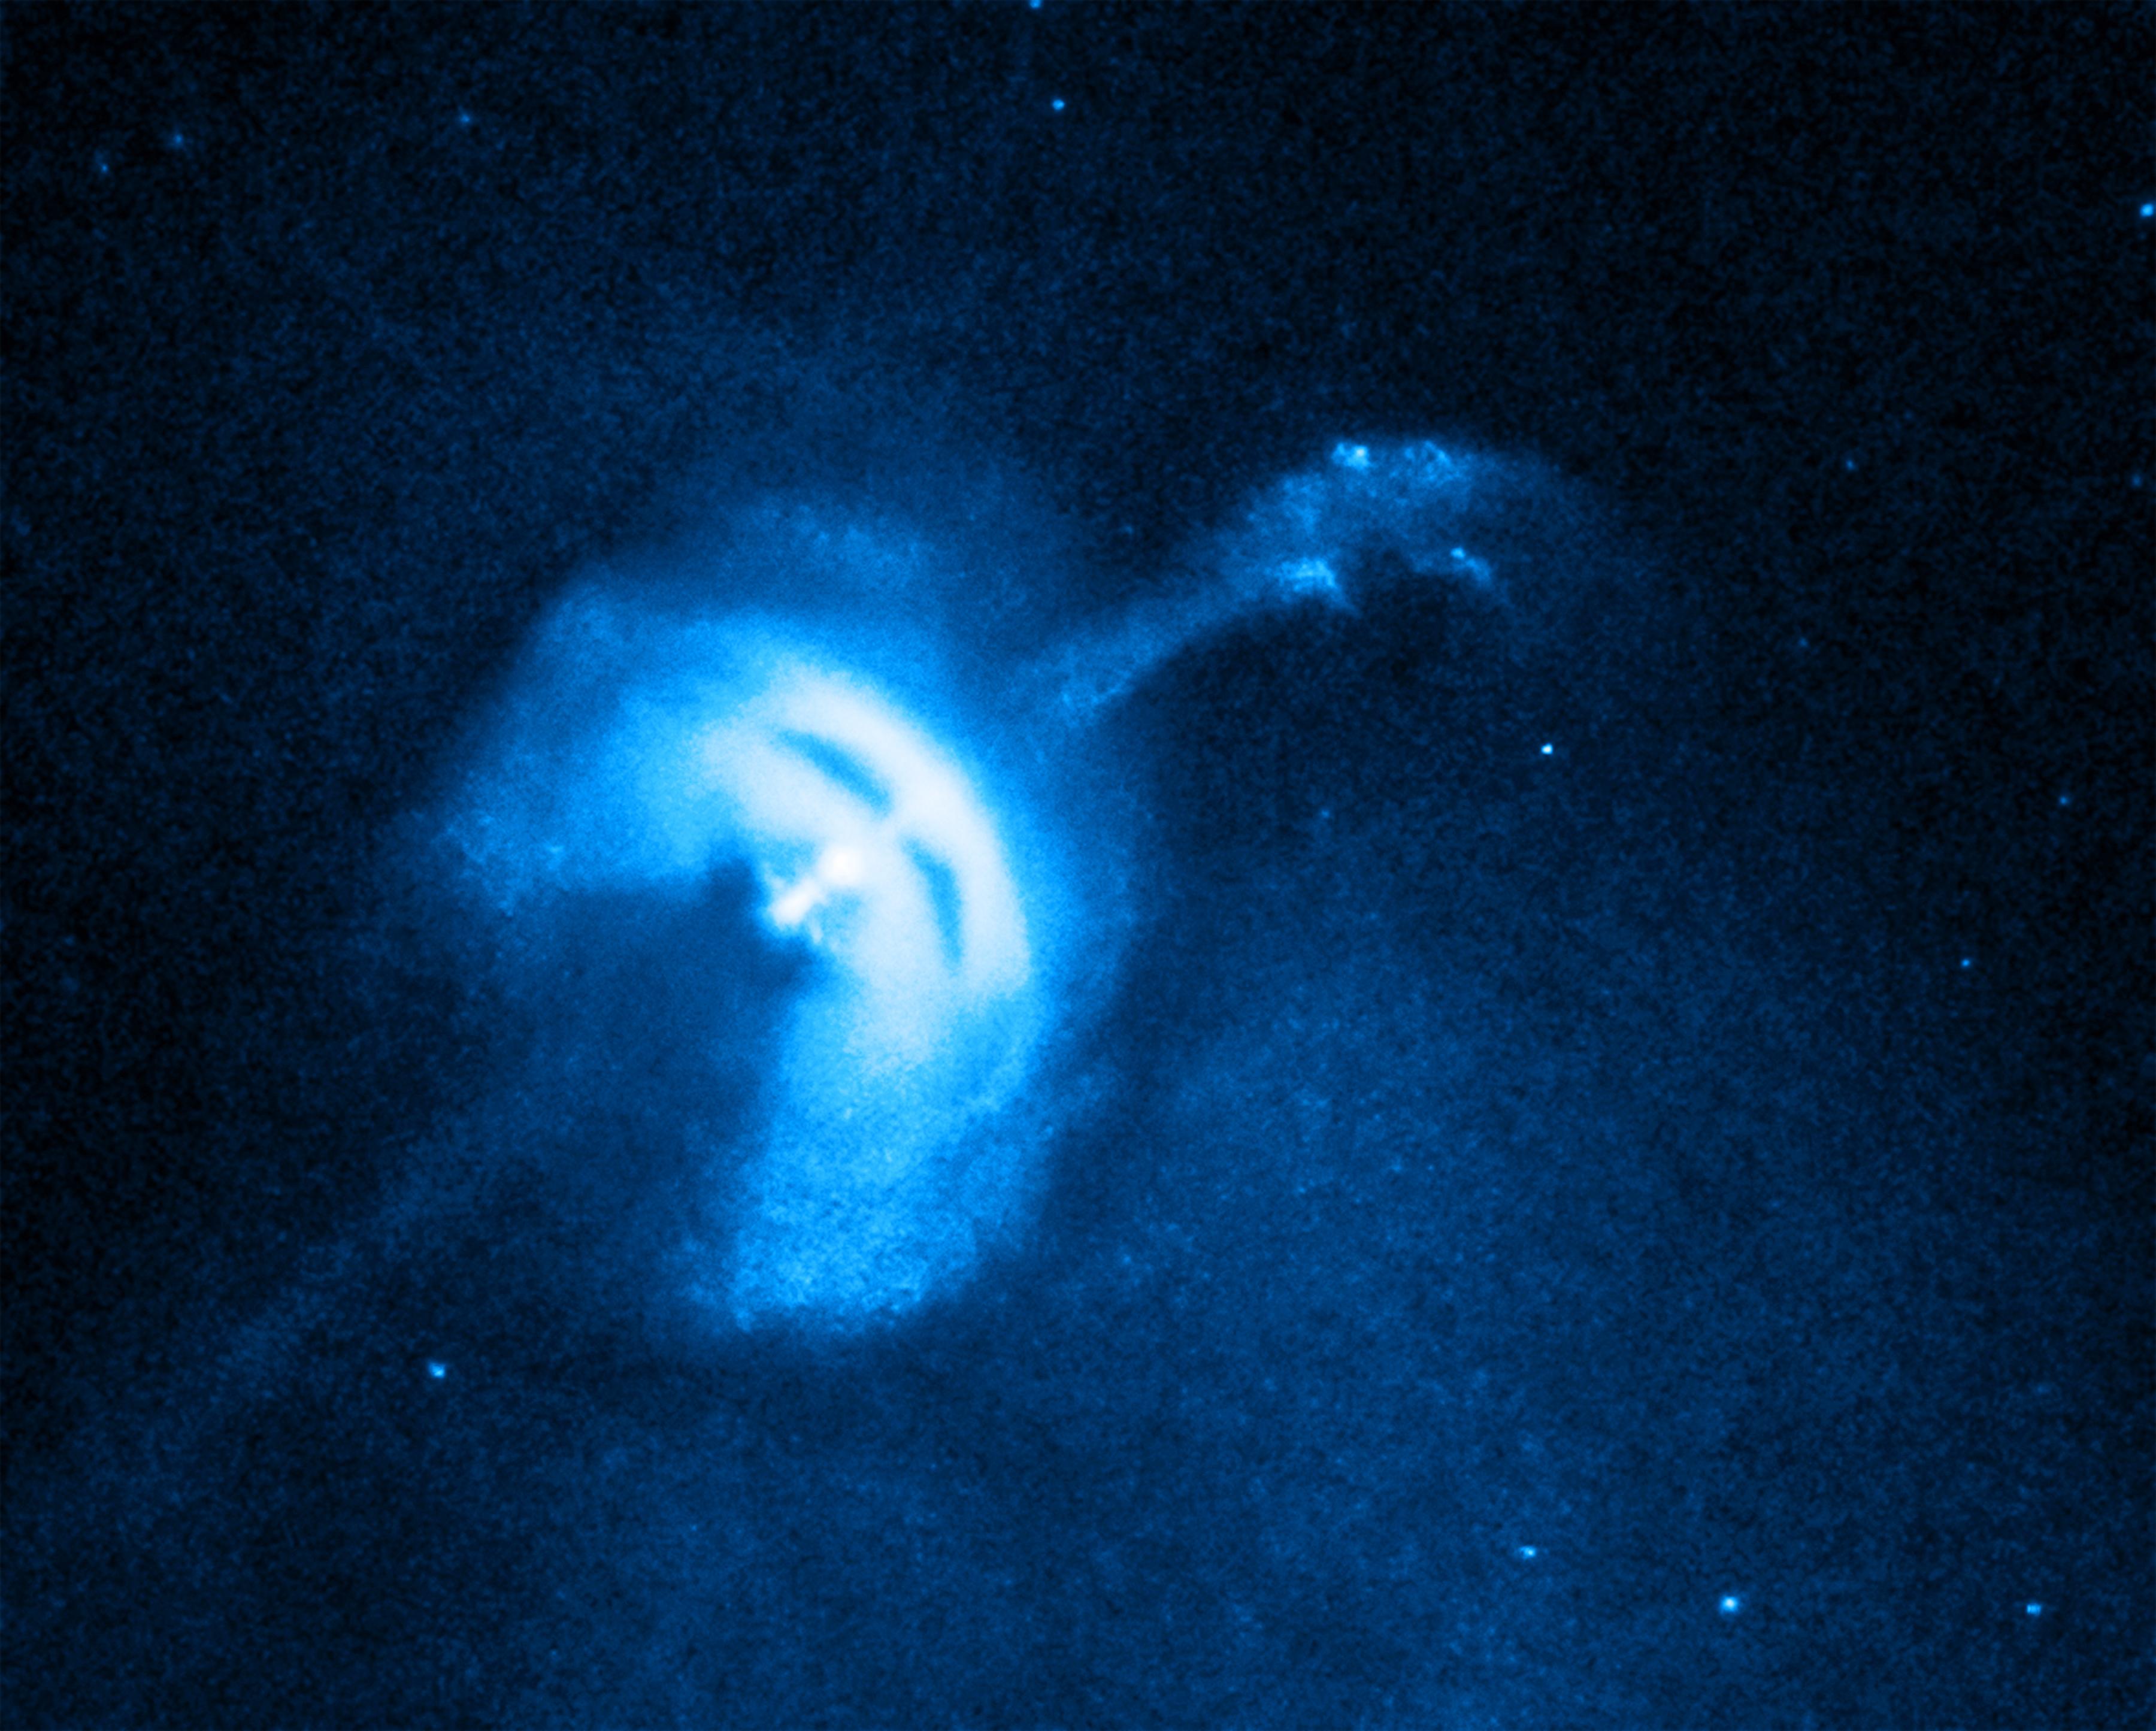 massive star pics from nasa - photo #13